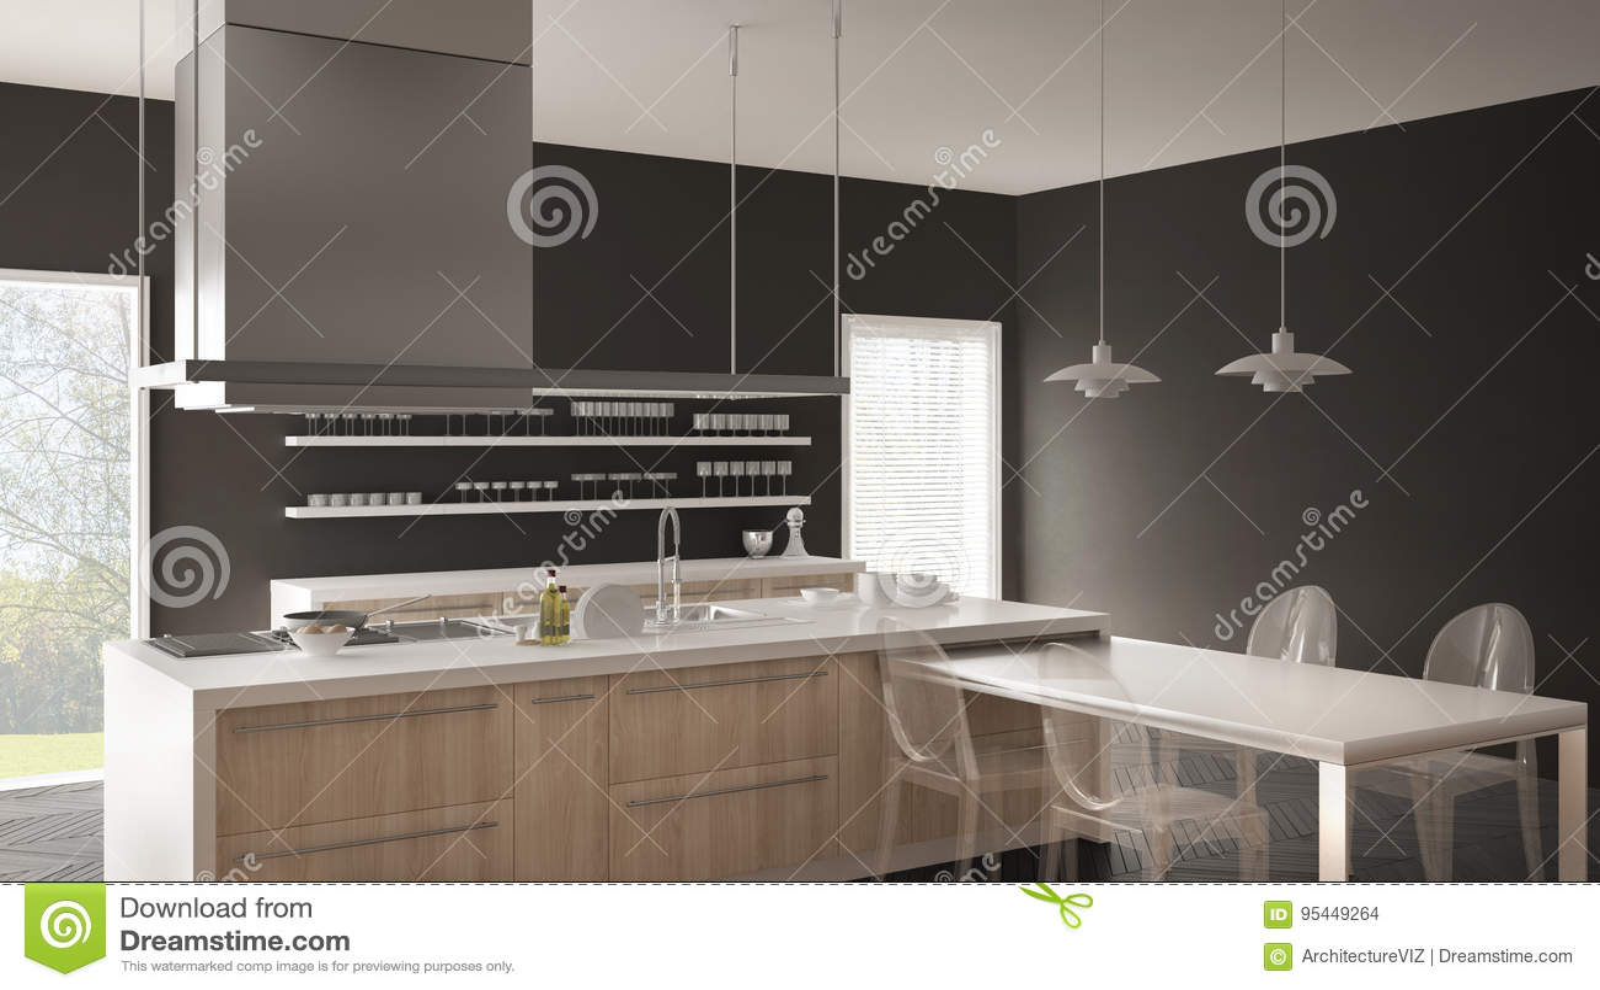 Cozinha Moderna De Minimalistic Com Tabela Cadeiras E Assoalho De